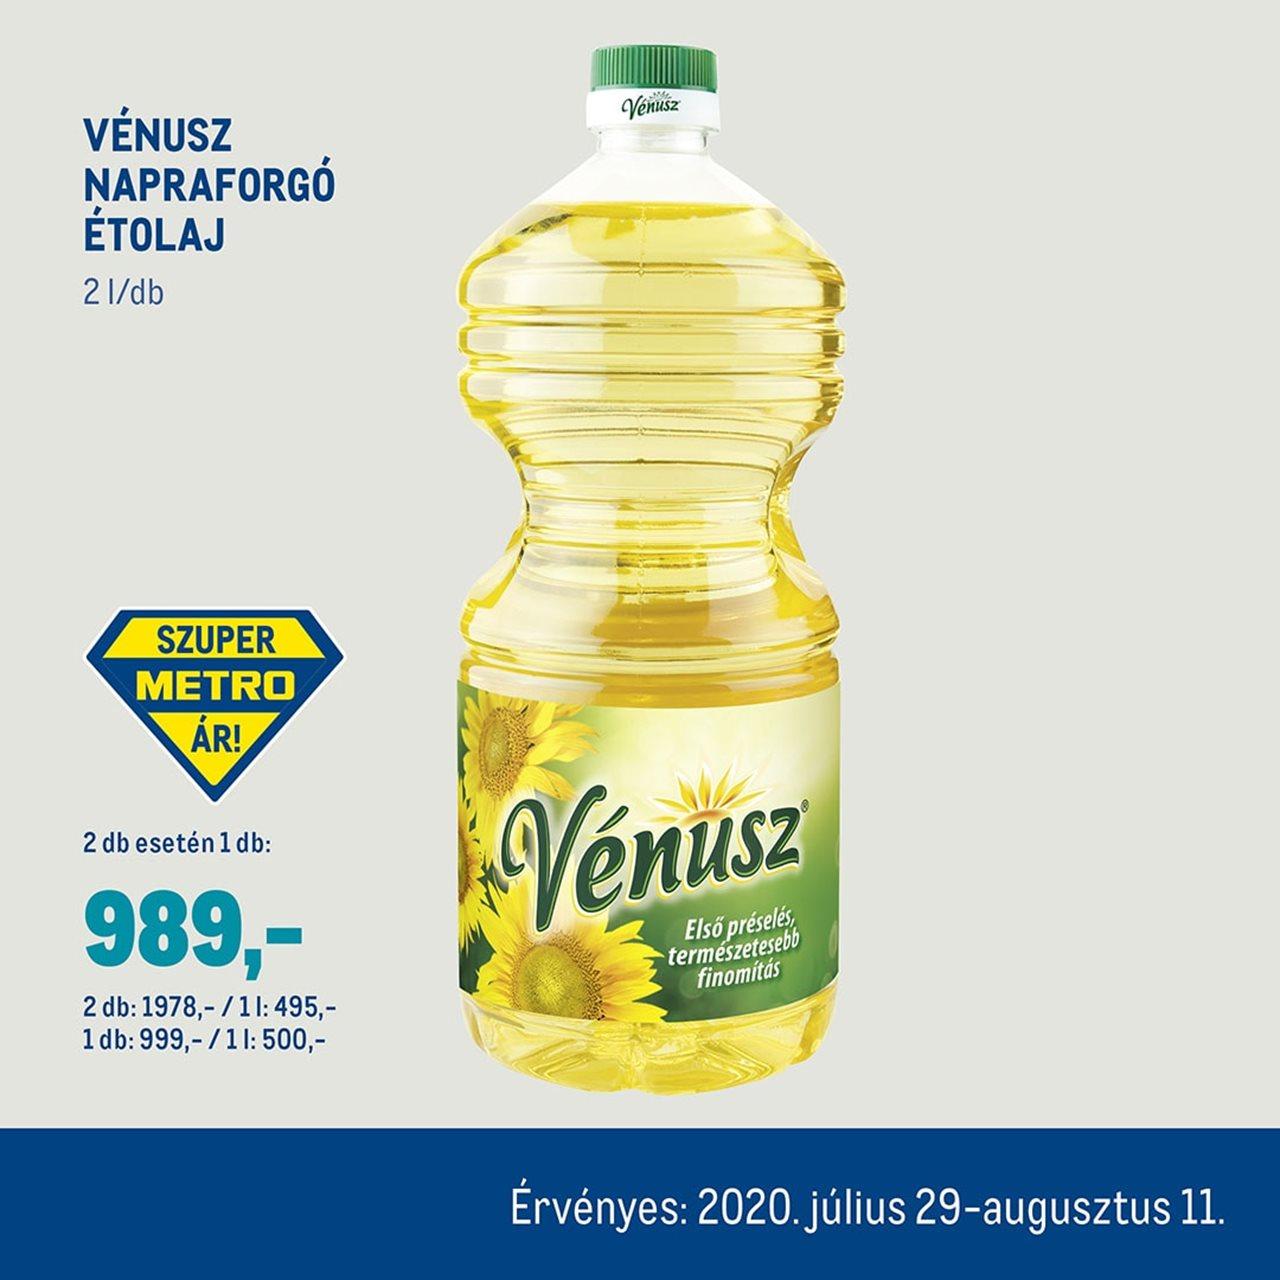 Vénusz napraforgó étolaj